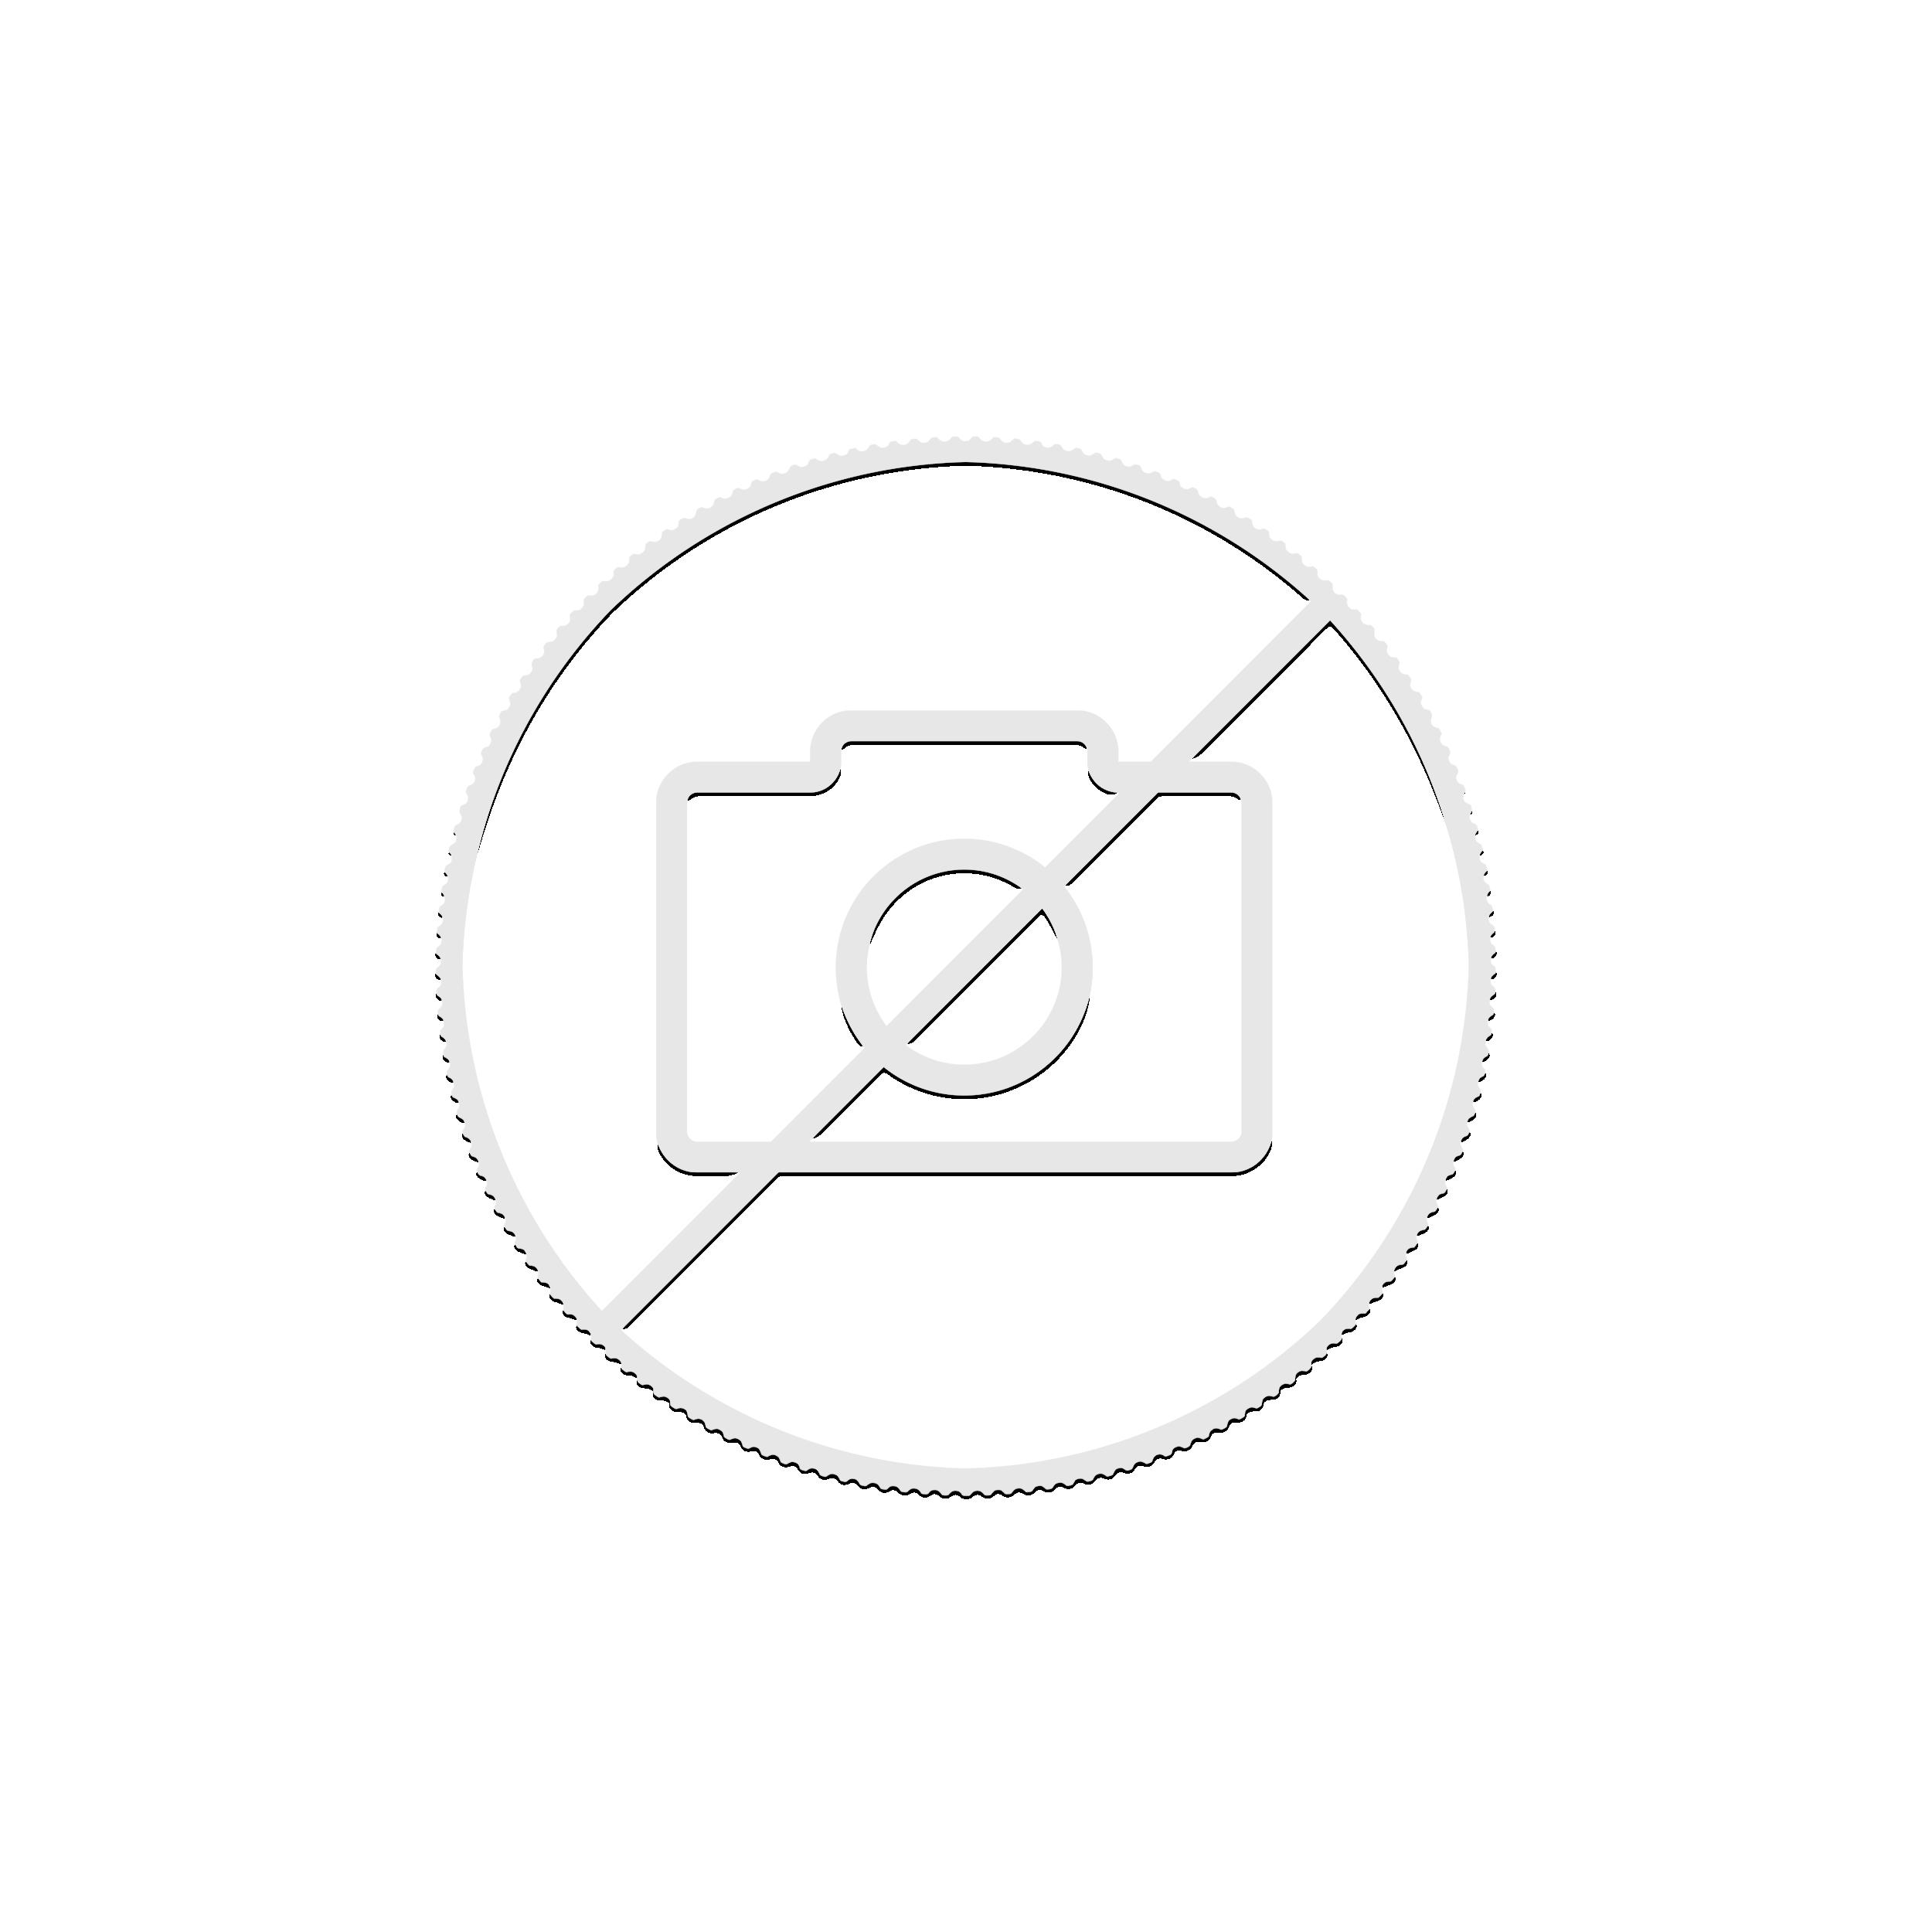 1 Troy ounce silver coin Kookaburra 2010